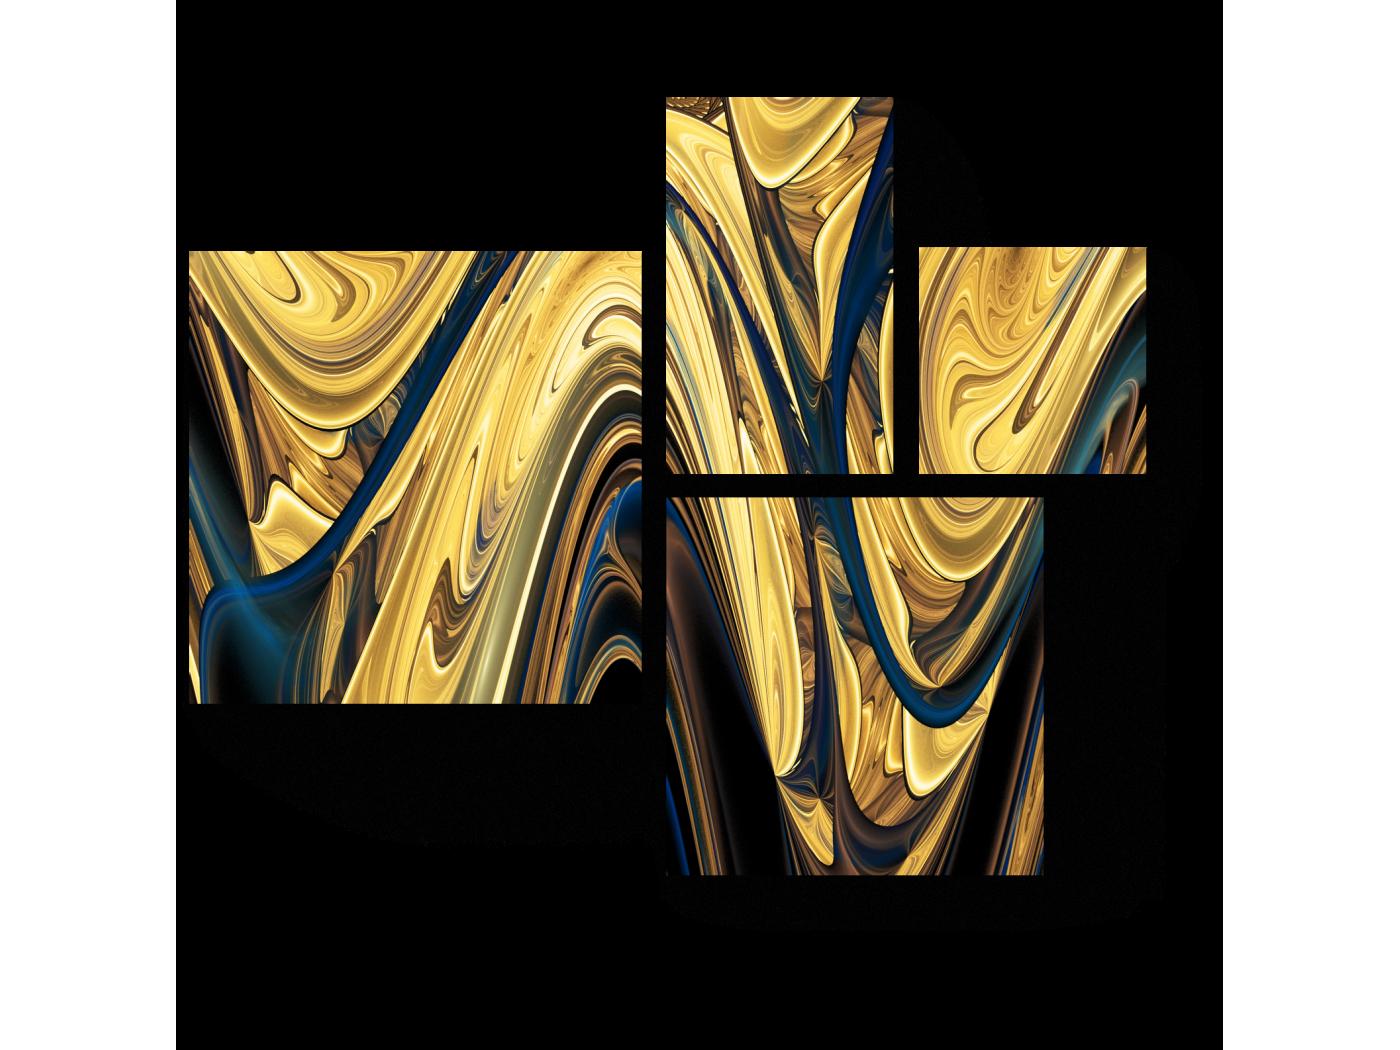 Модульная картина Раскаленный металл (72x60) фото